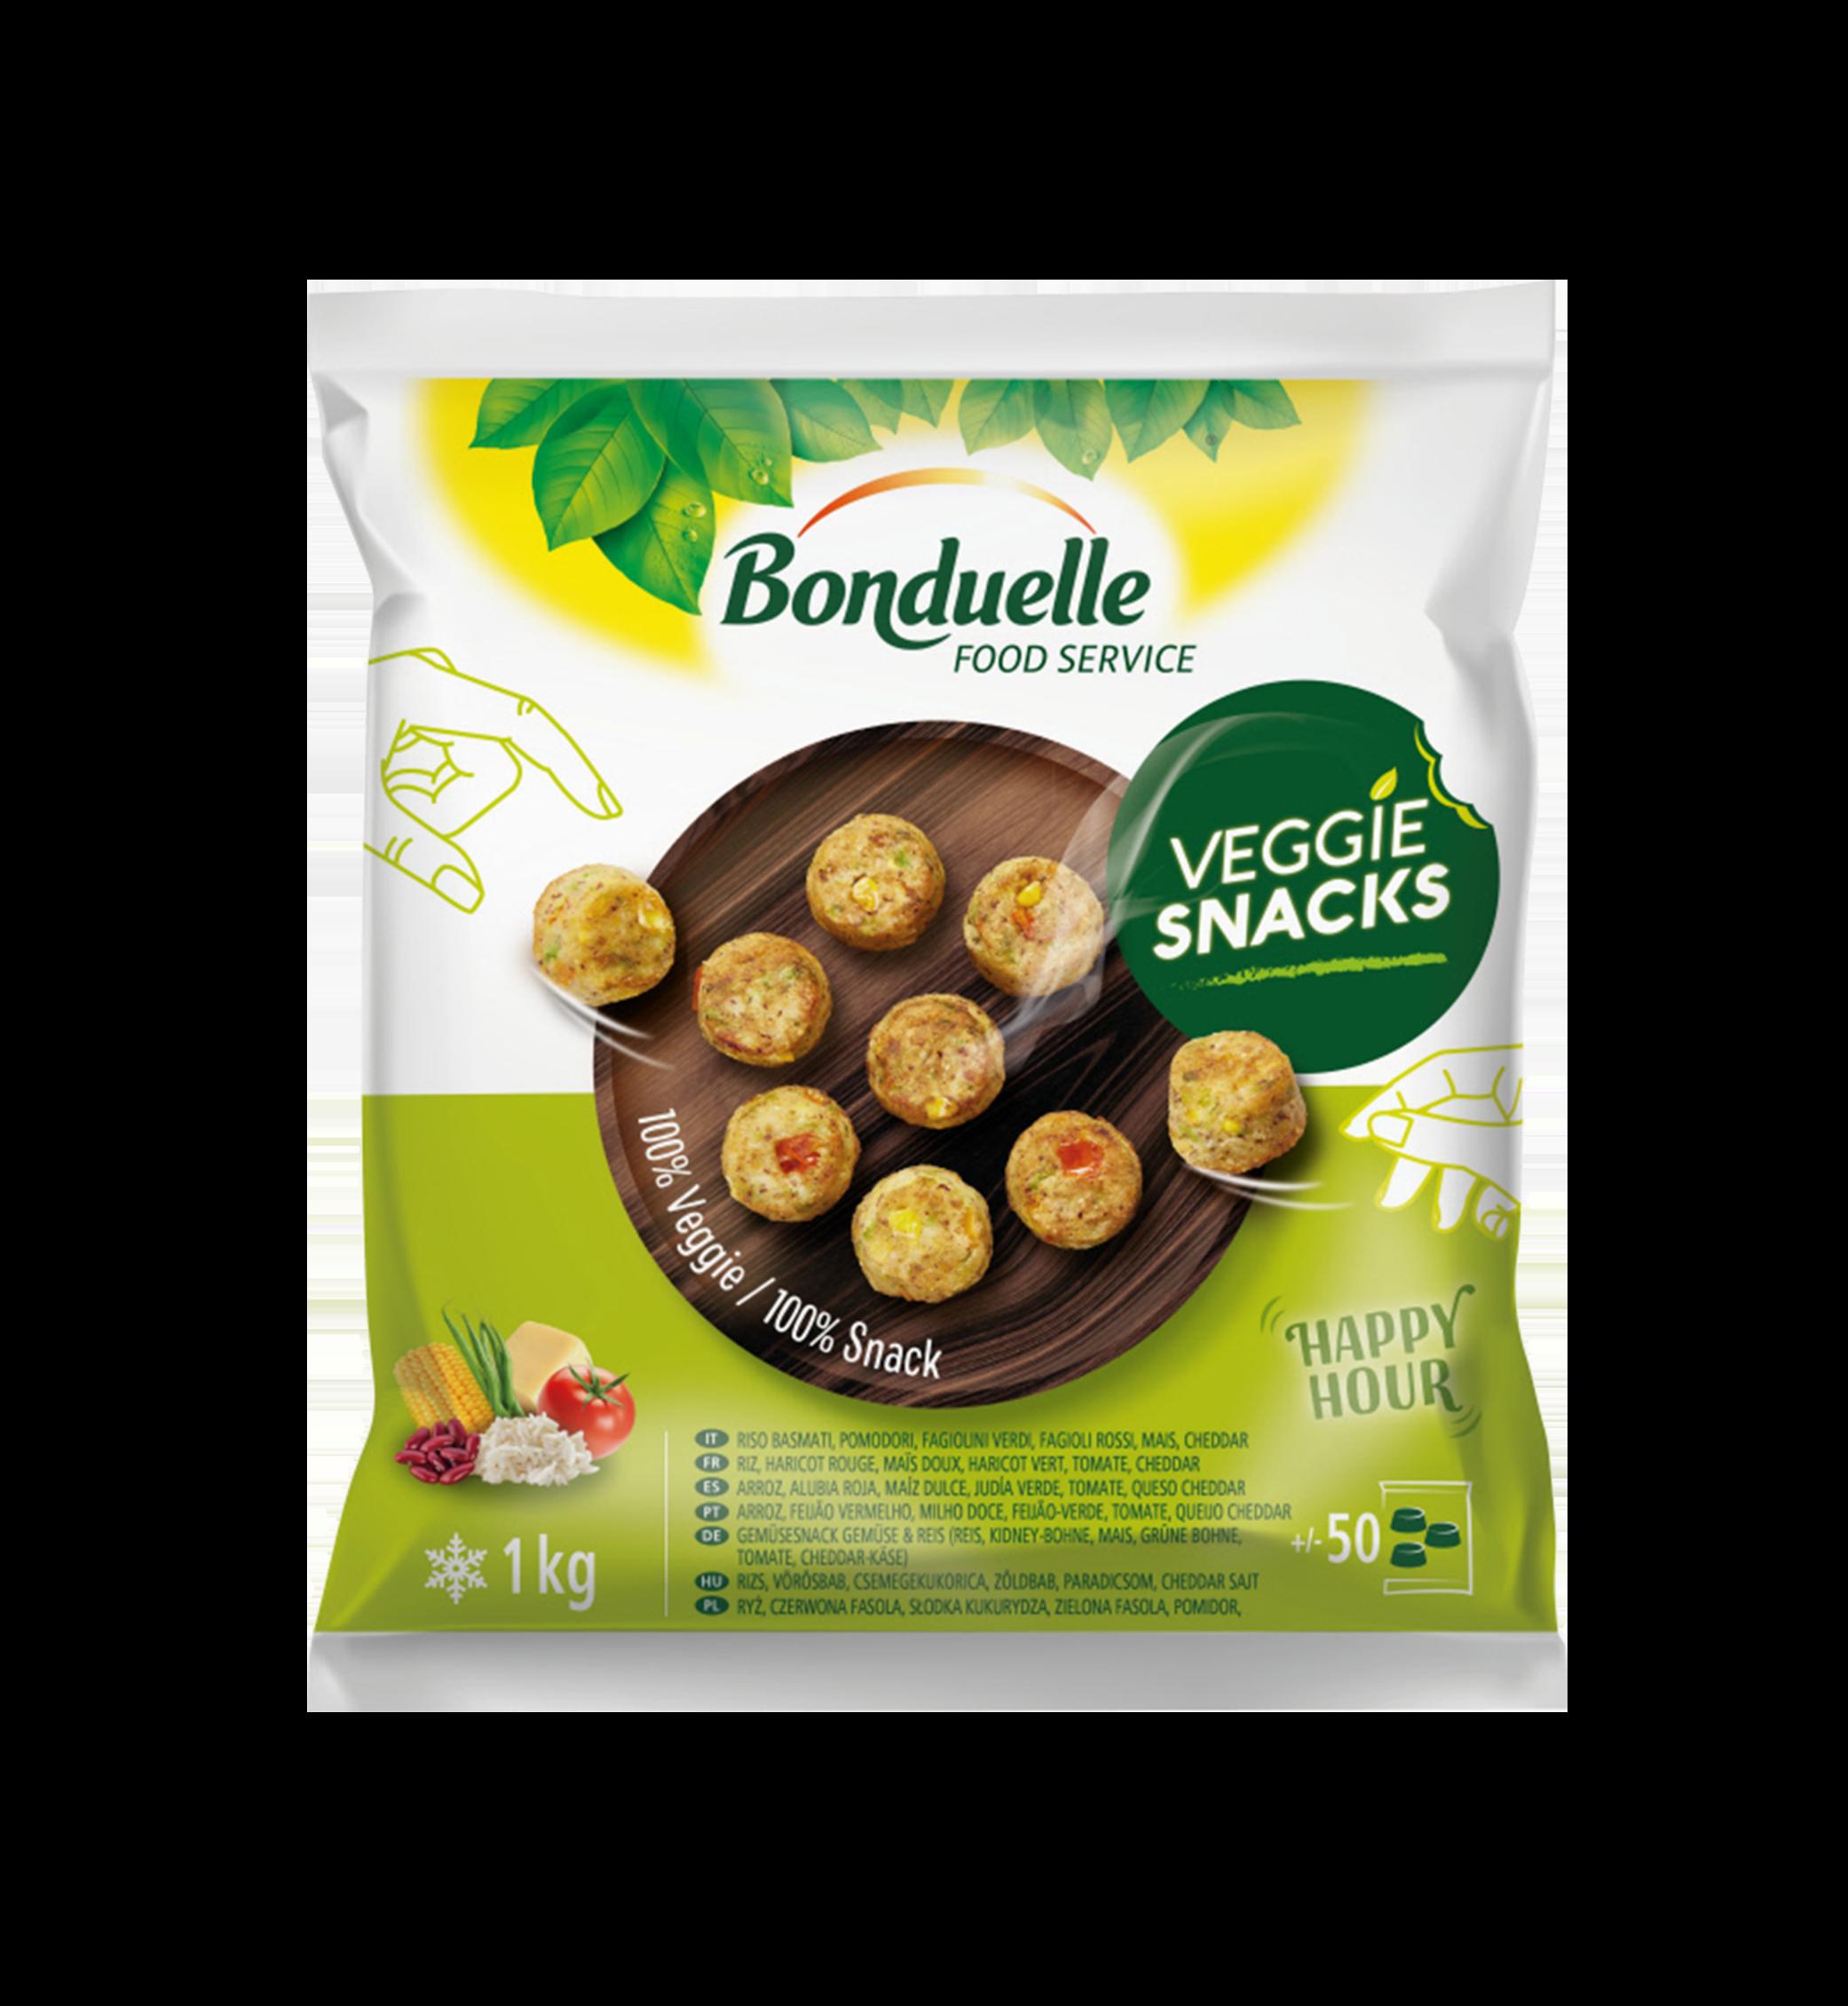 Veggie-snacks-basmati